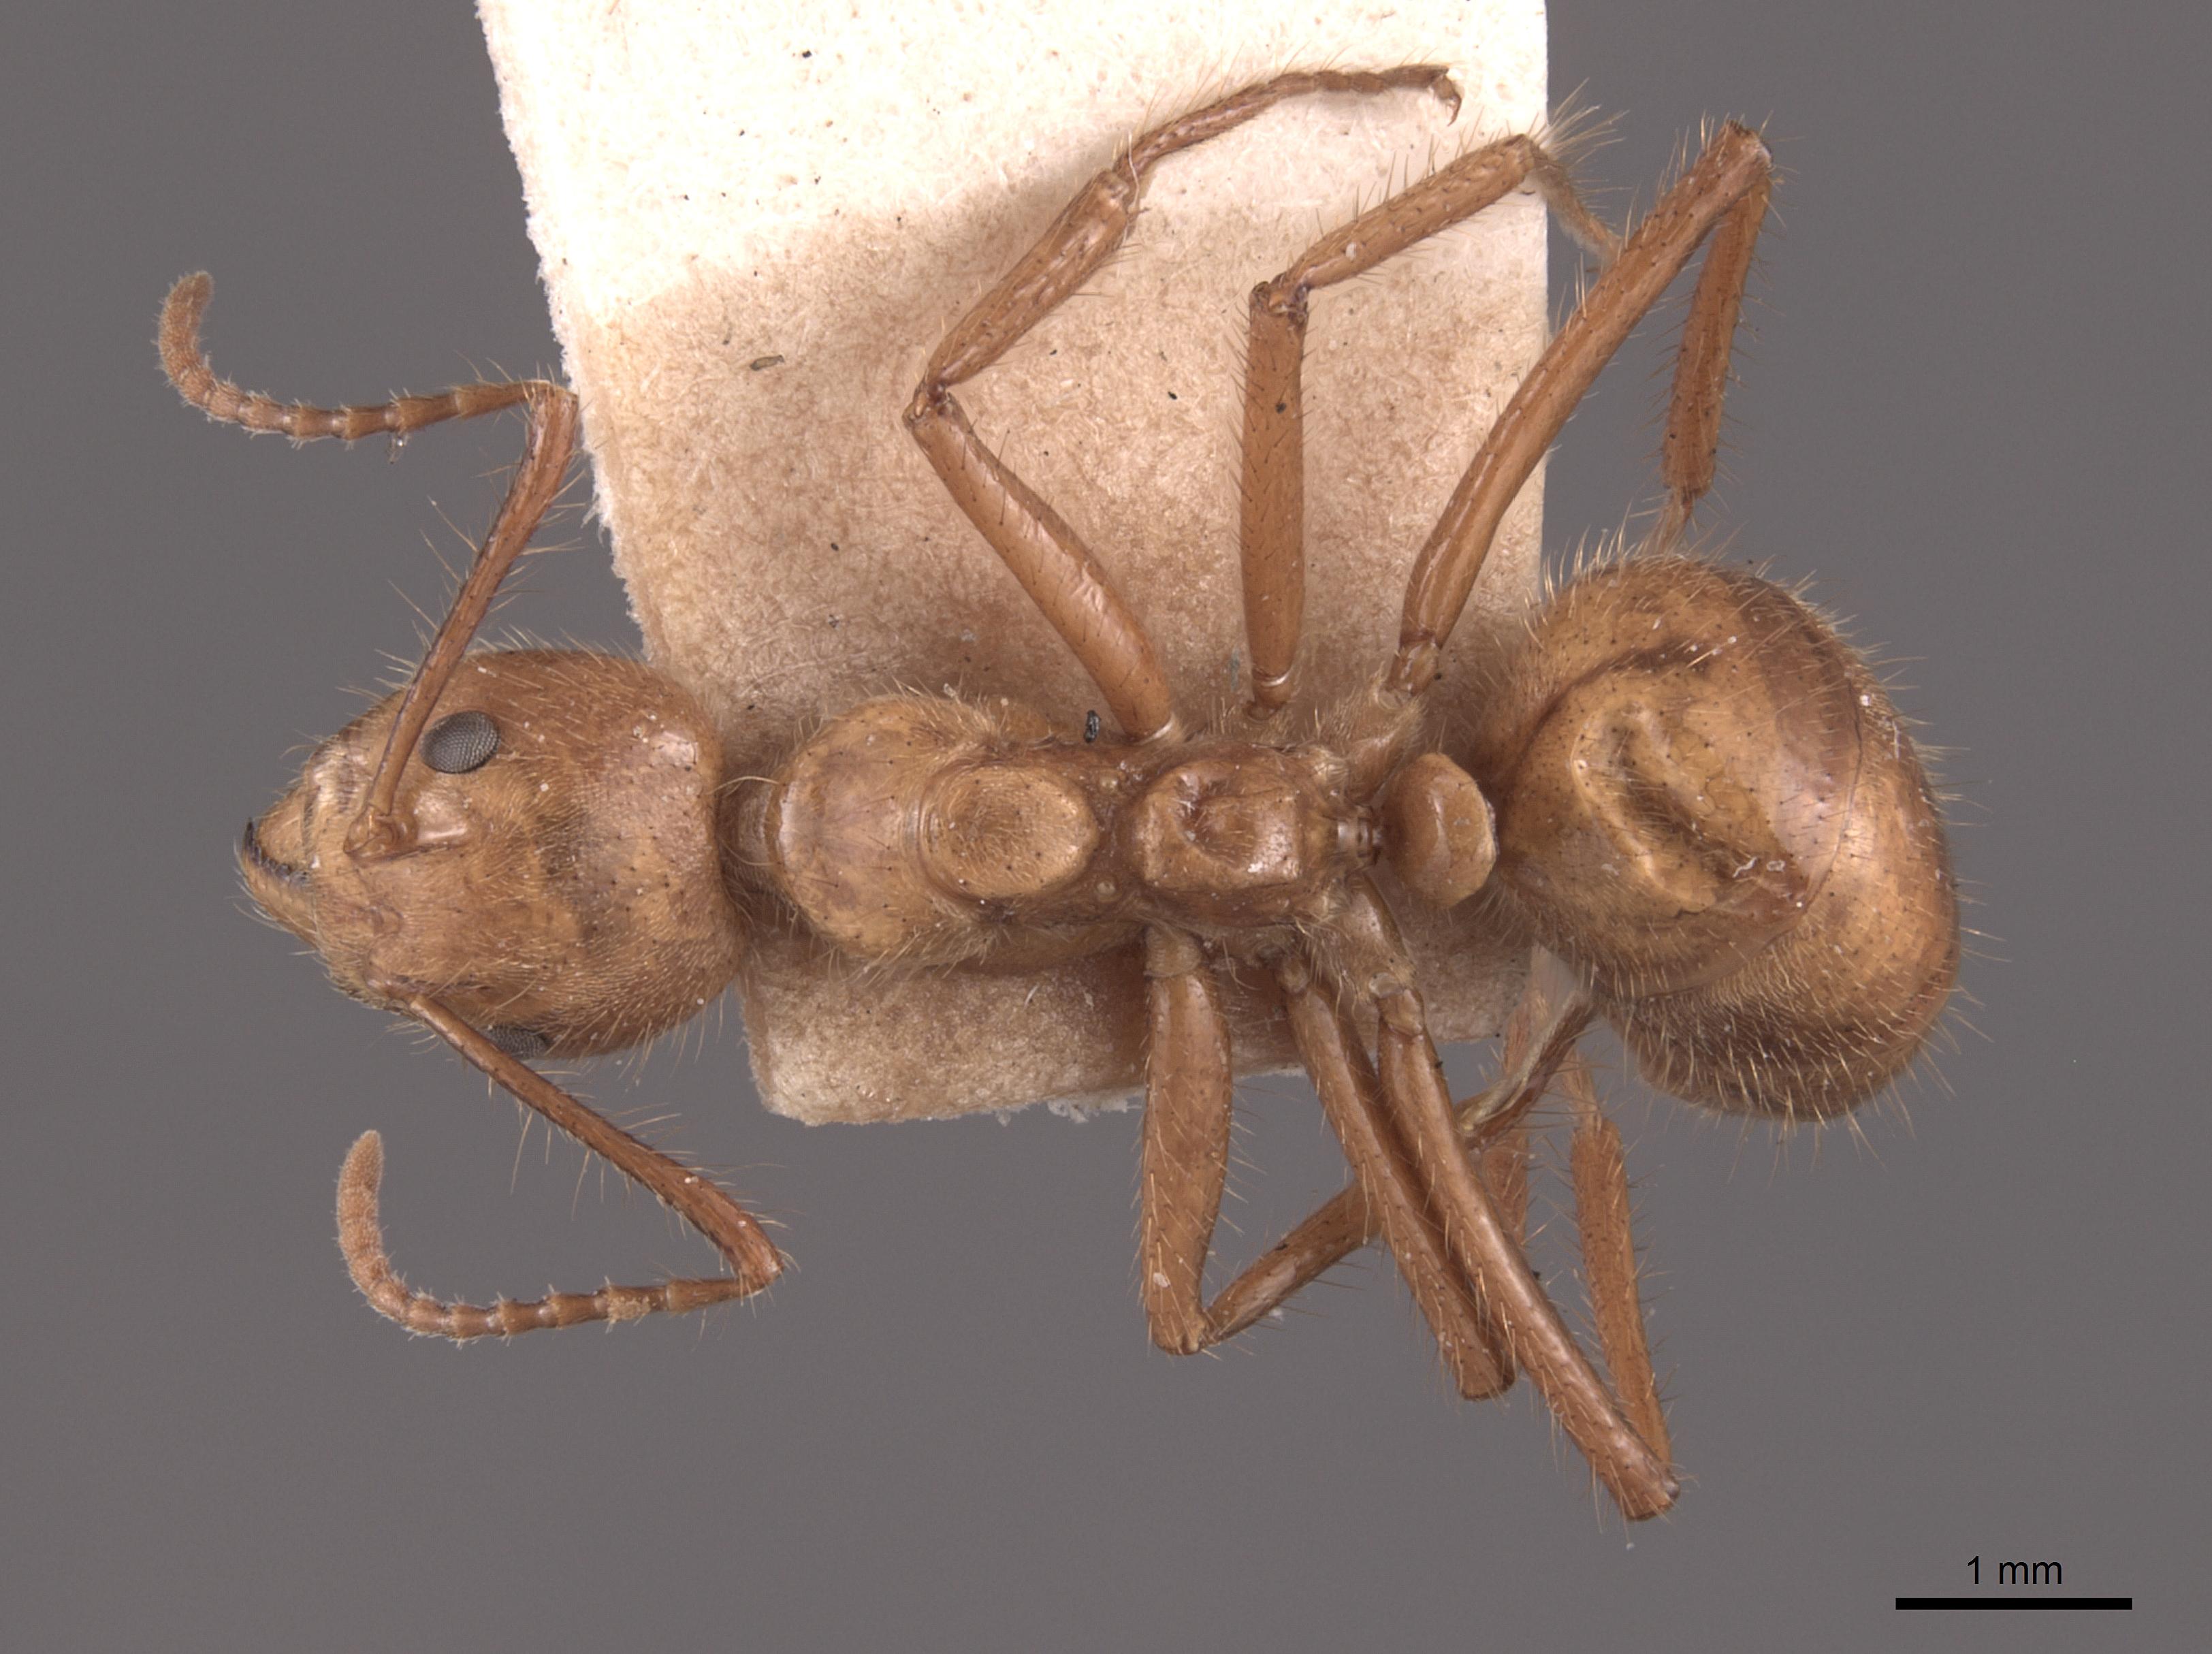 Image of Dolichoderus abruptus